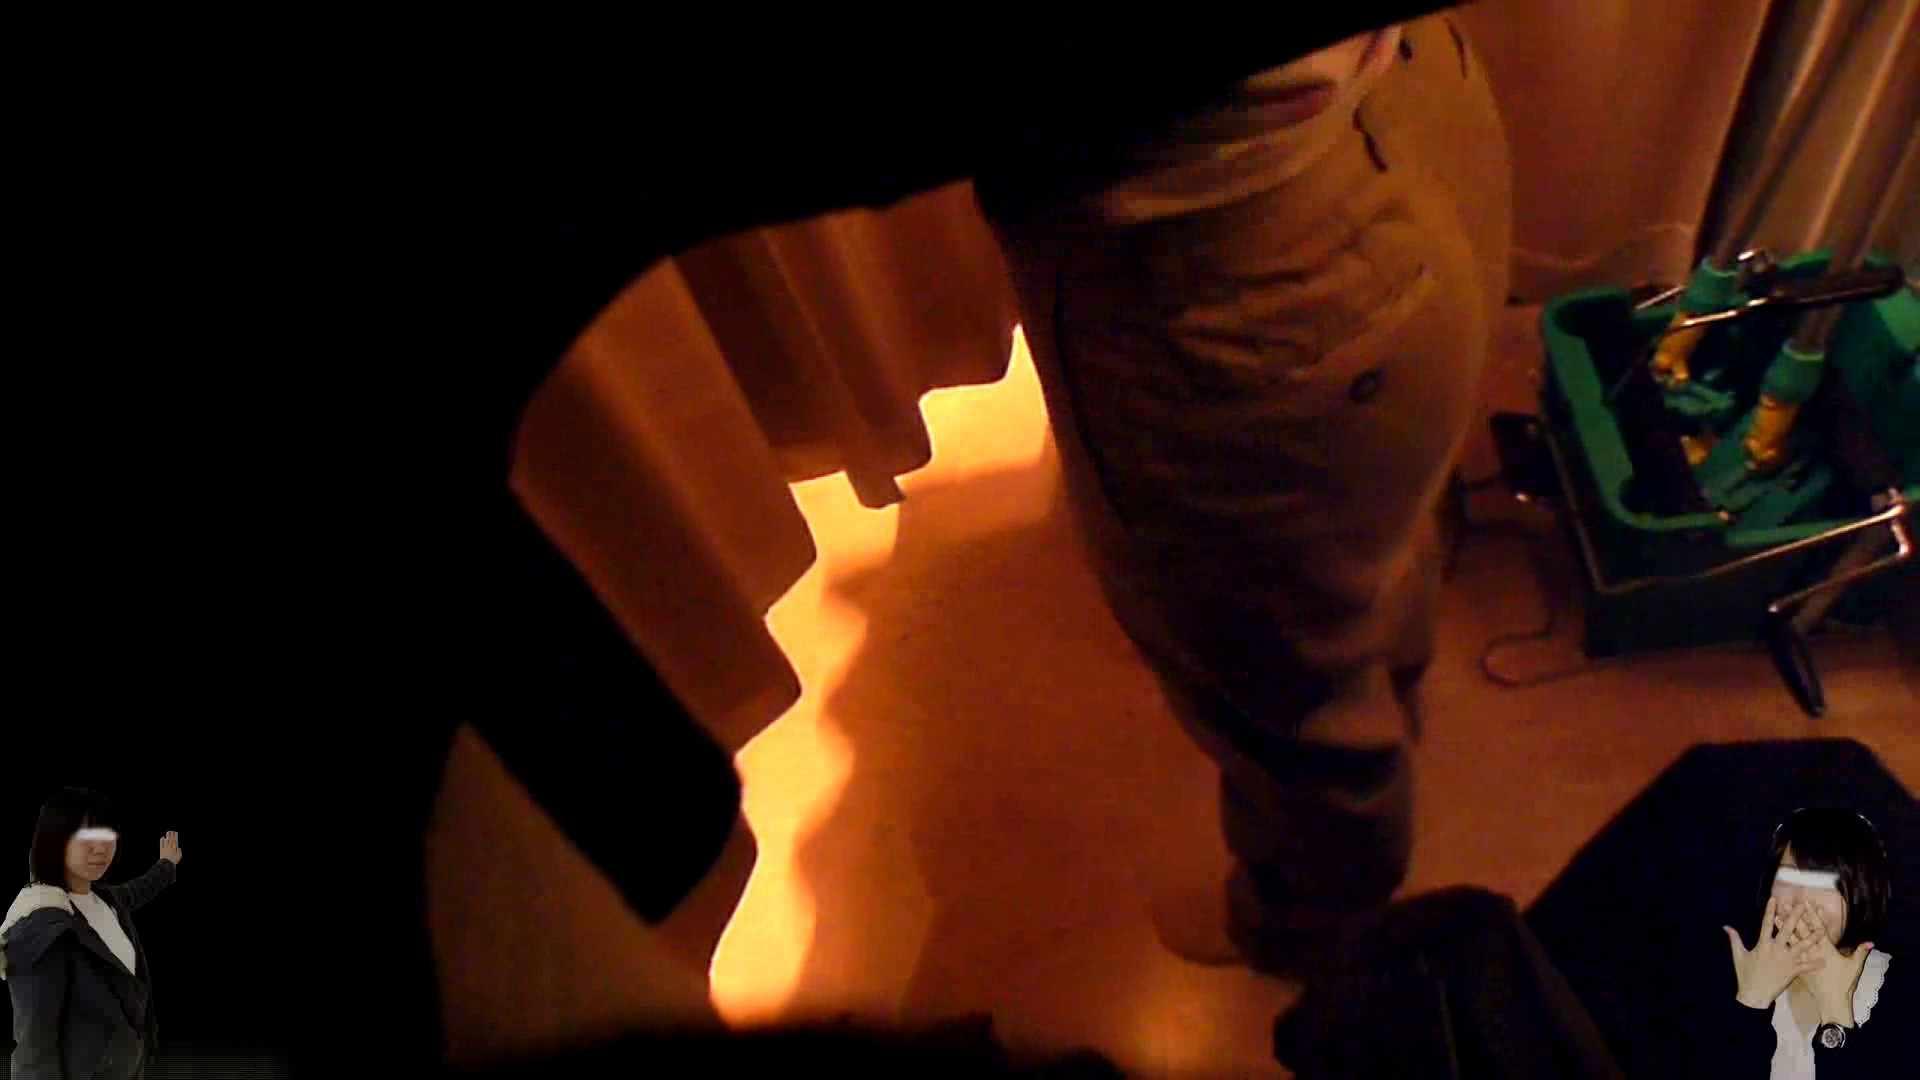 素人投稿 現役「JD」Eちゃんの着替え Vol.04 素人見放題  99PIX 39